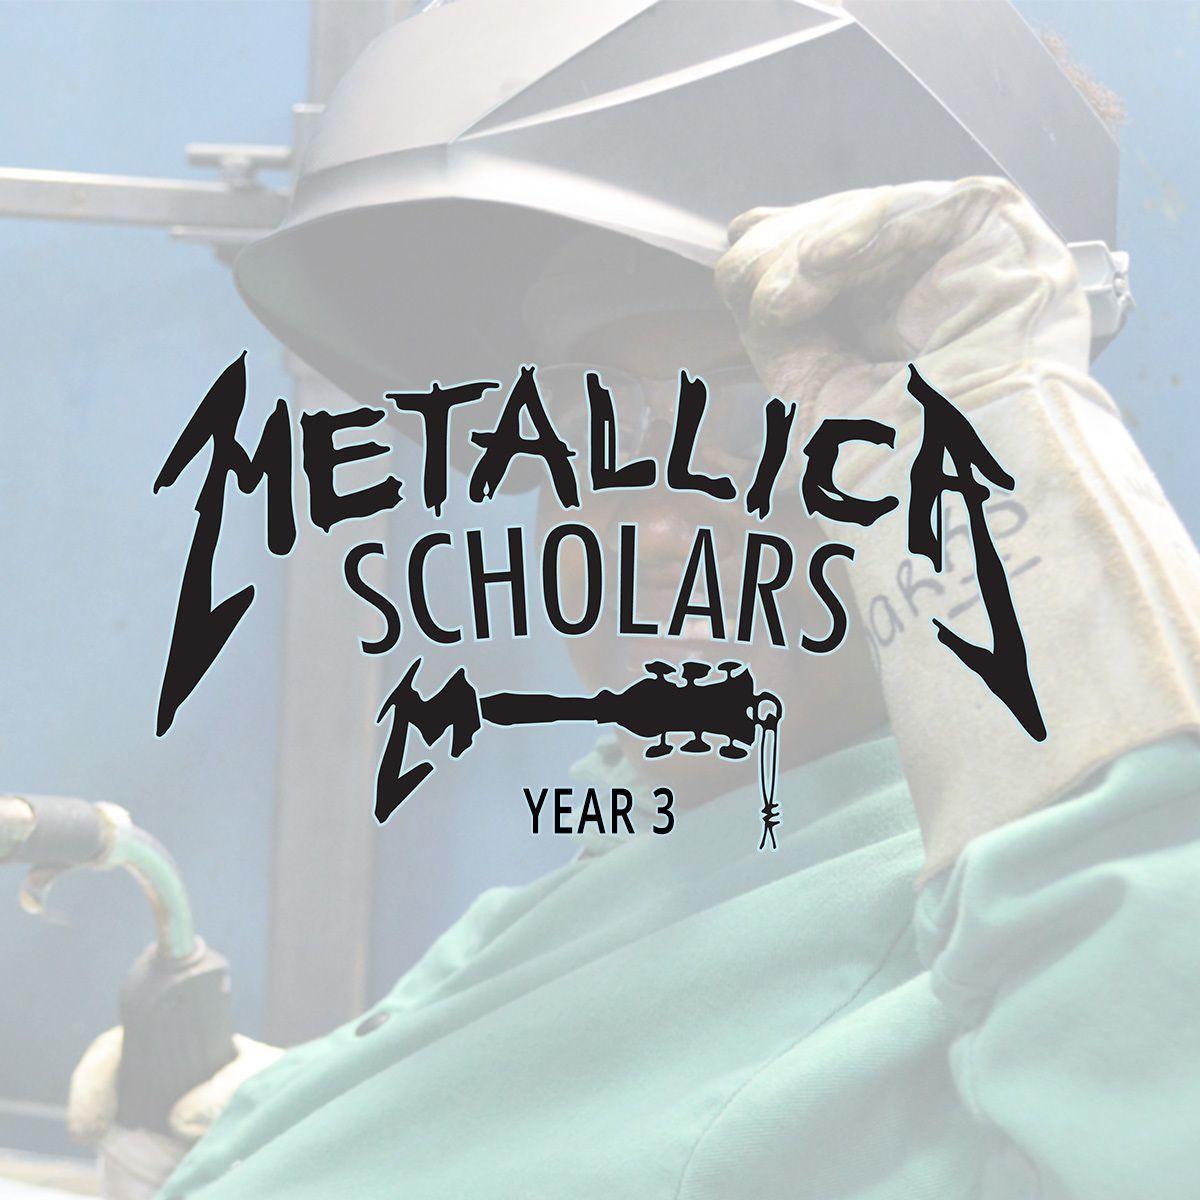 9 New Schools Join Metallica Scholars